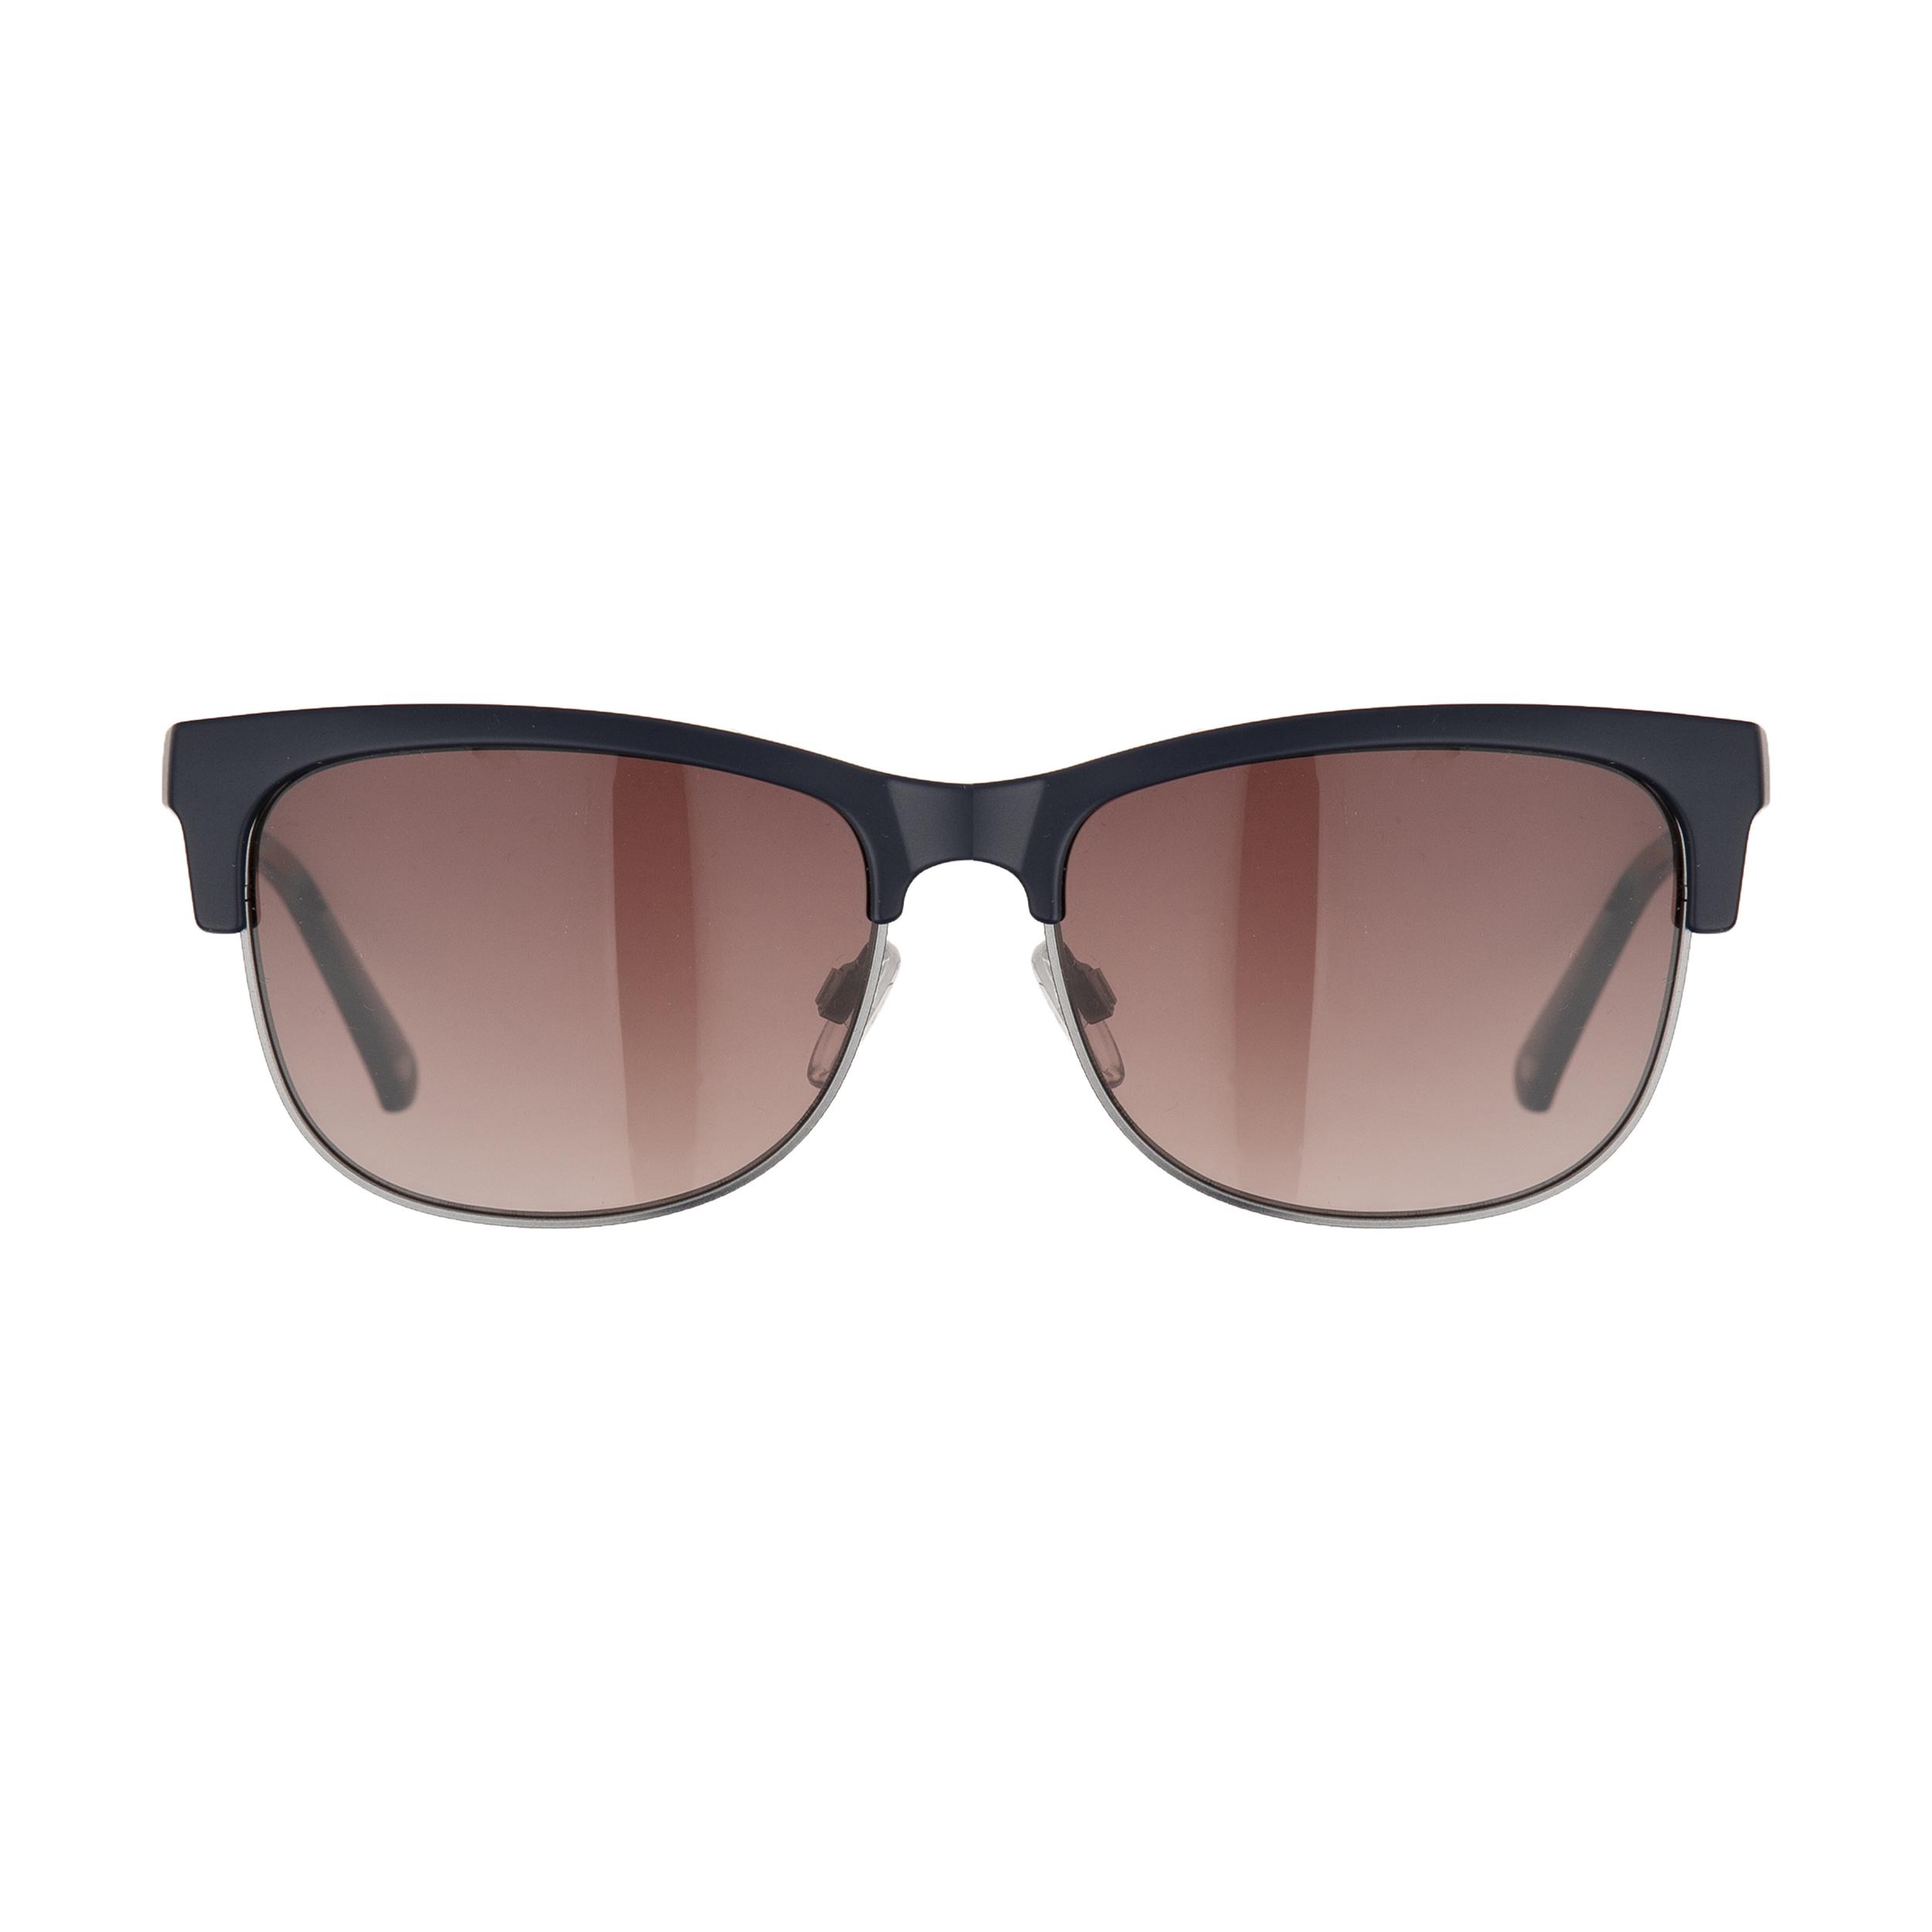 عینک آفتابی مردانه تد بیکر مدل TB 1528 650